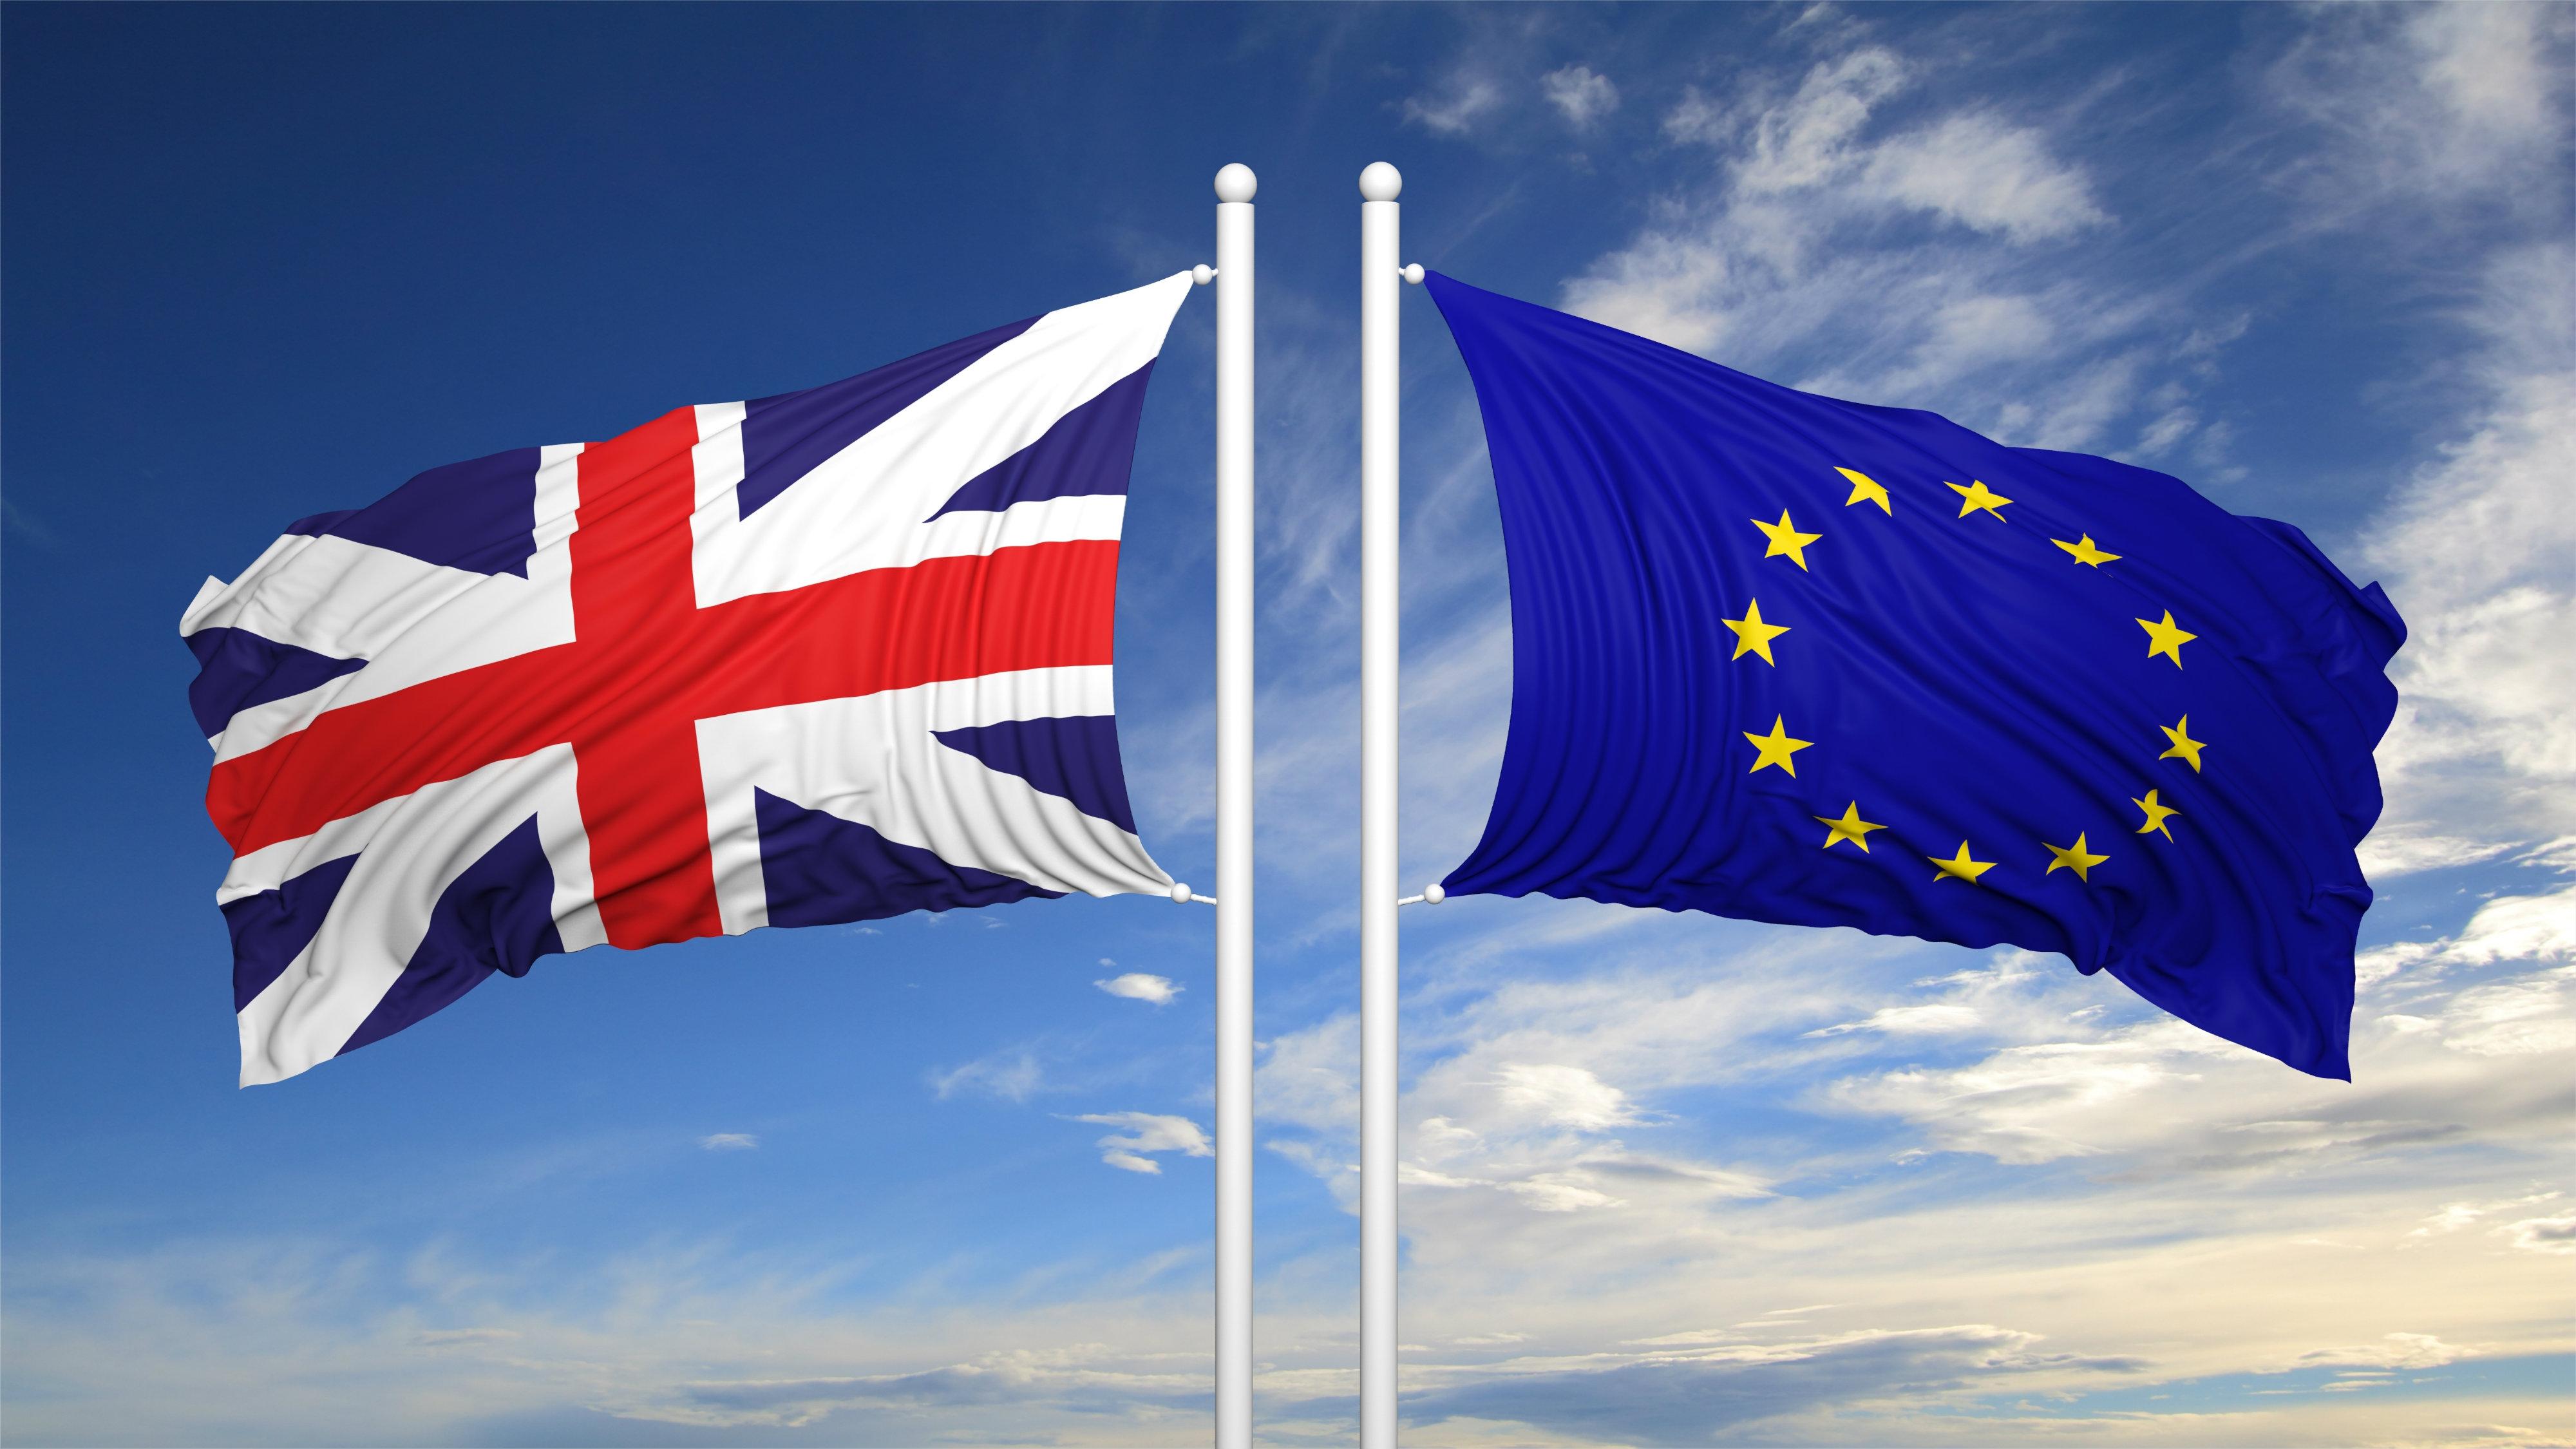 英国脱欧已不再是英国金融稳定的最大风险因素   hinh 0